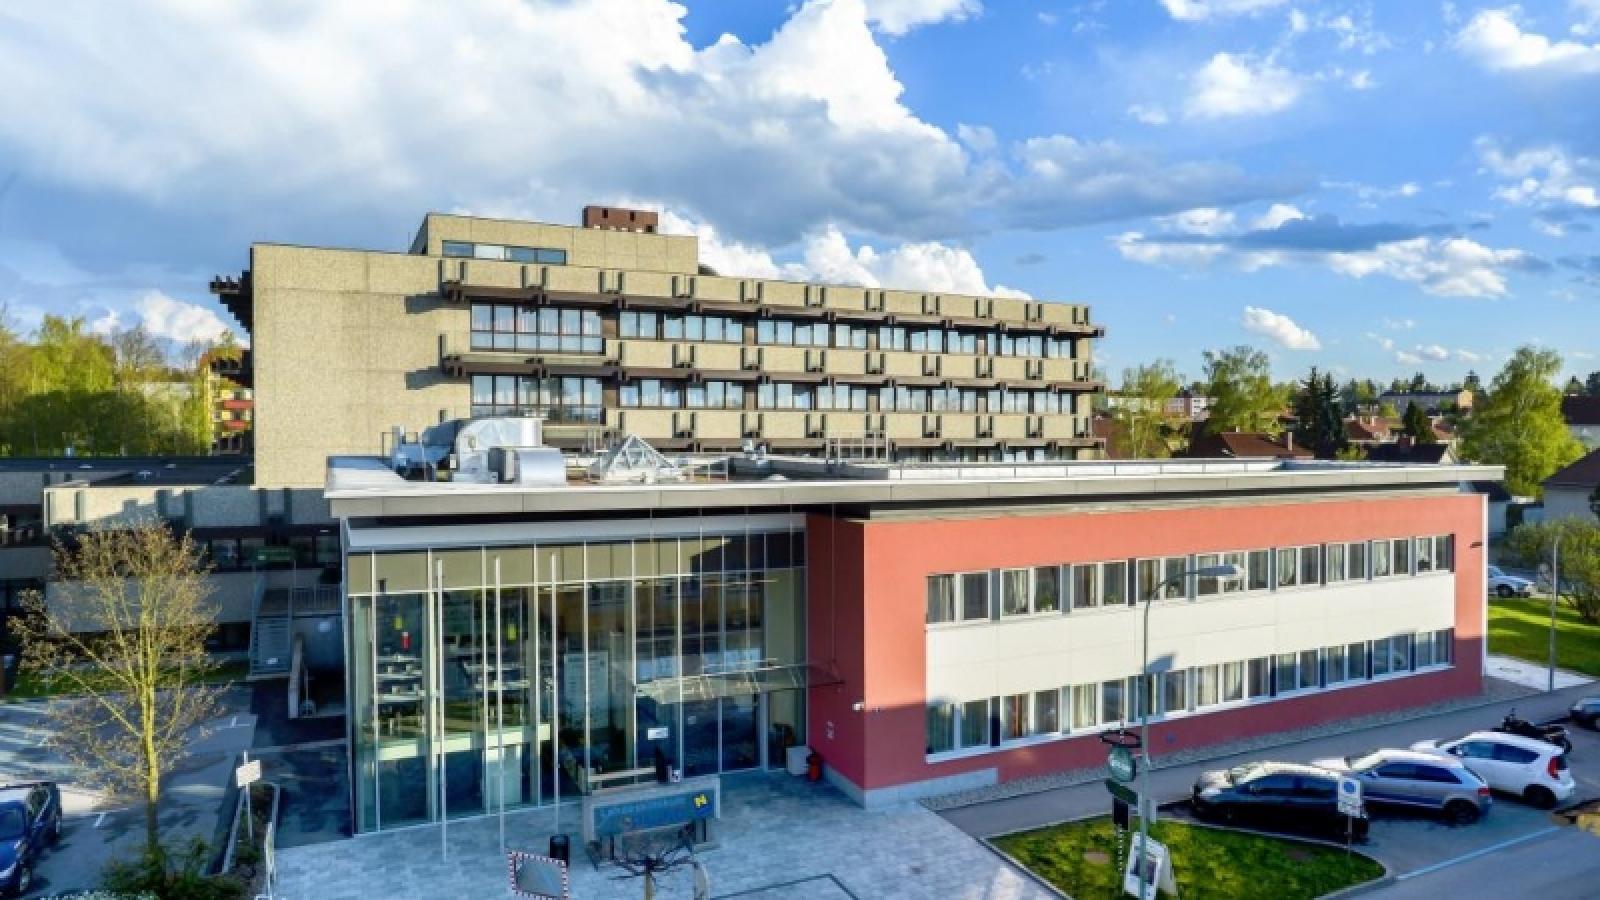 Mở cửa bệnh viện xuyên biên giới đầu tiên của EU